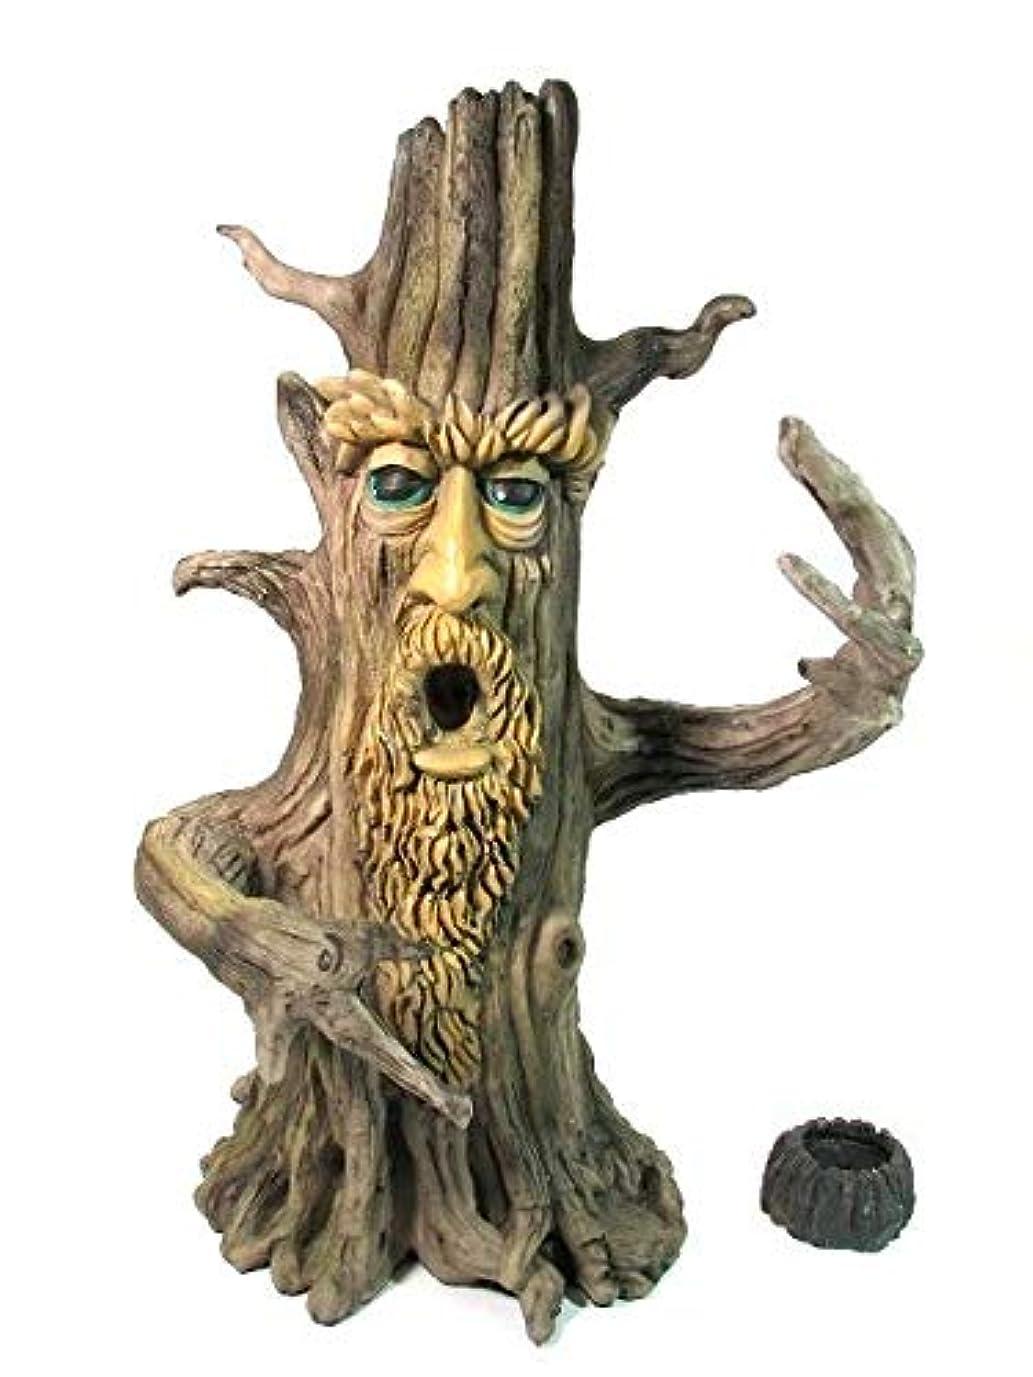 韻湾ゼリー[INCENSE GOODS(インセンスグッズ)] TREE MAN INCENSE BURNER 木の精香立